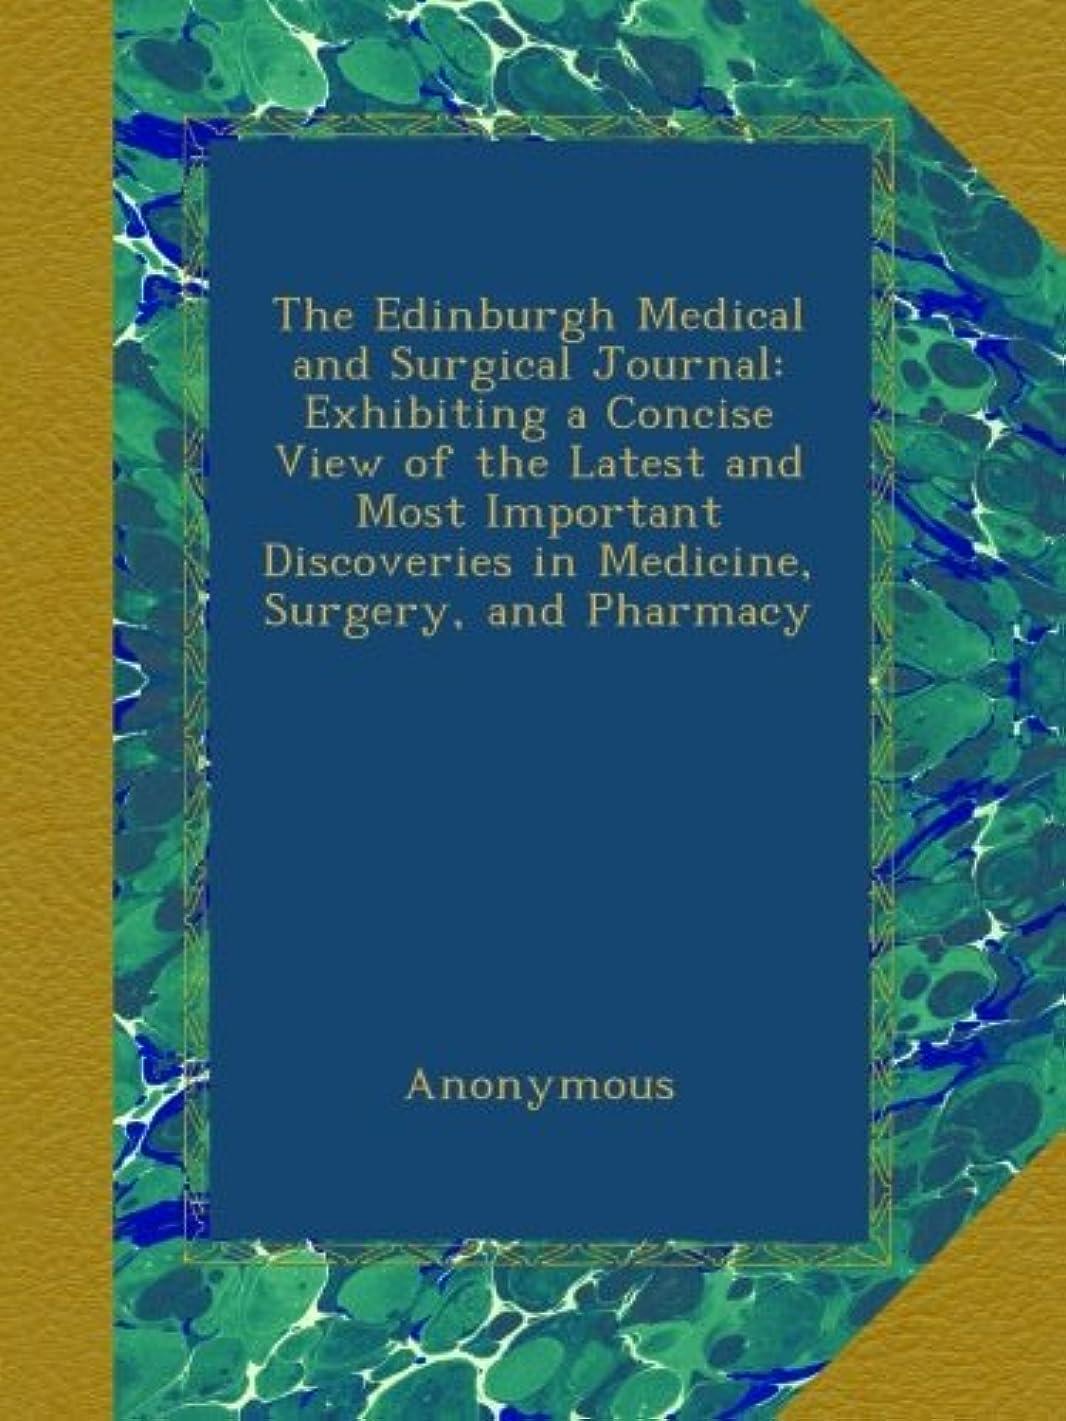 パンツ方向受信The Edinburgh Medical and Surgical Journal: Exhibiting a Concise View of the Latest and Most Important Discoveries in Medicine, Surgery, and Pharmacy